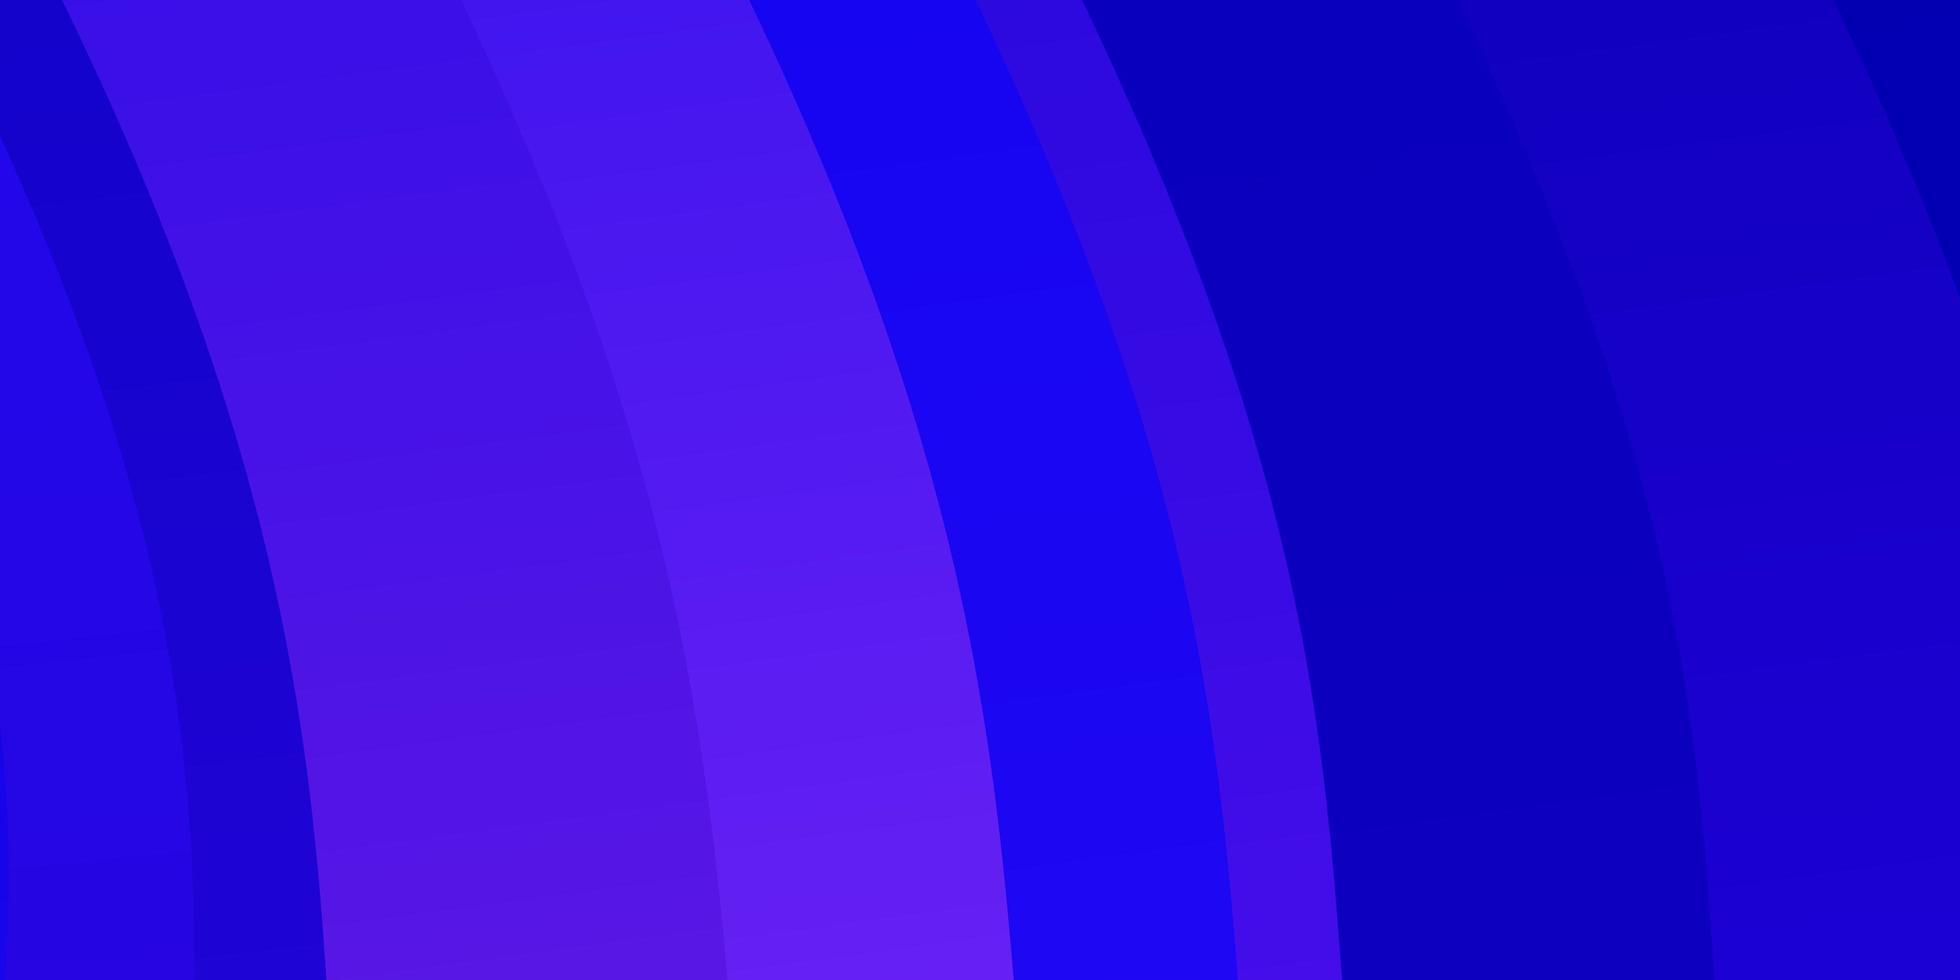 textura de vector rosa claro, azul con arco circular.